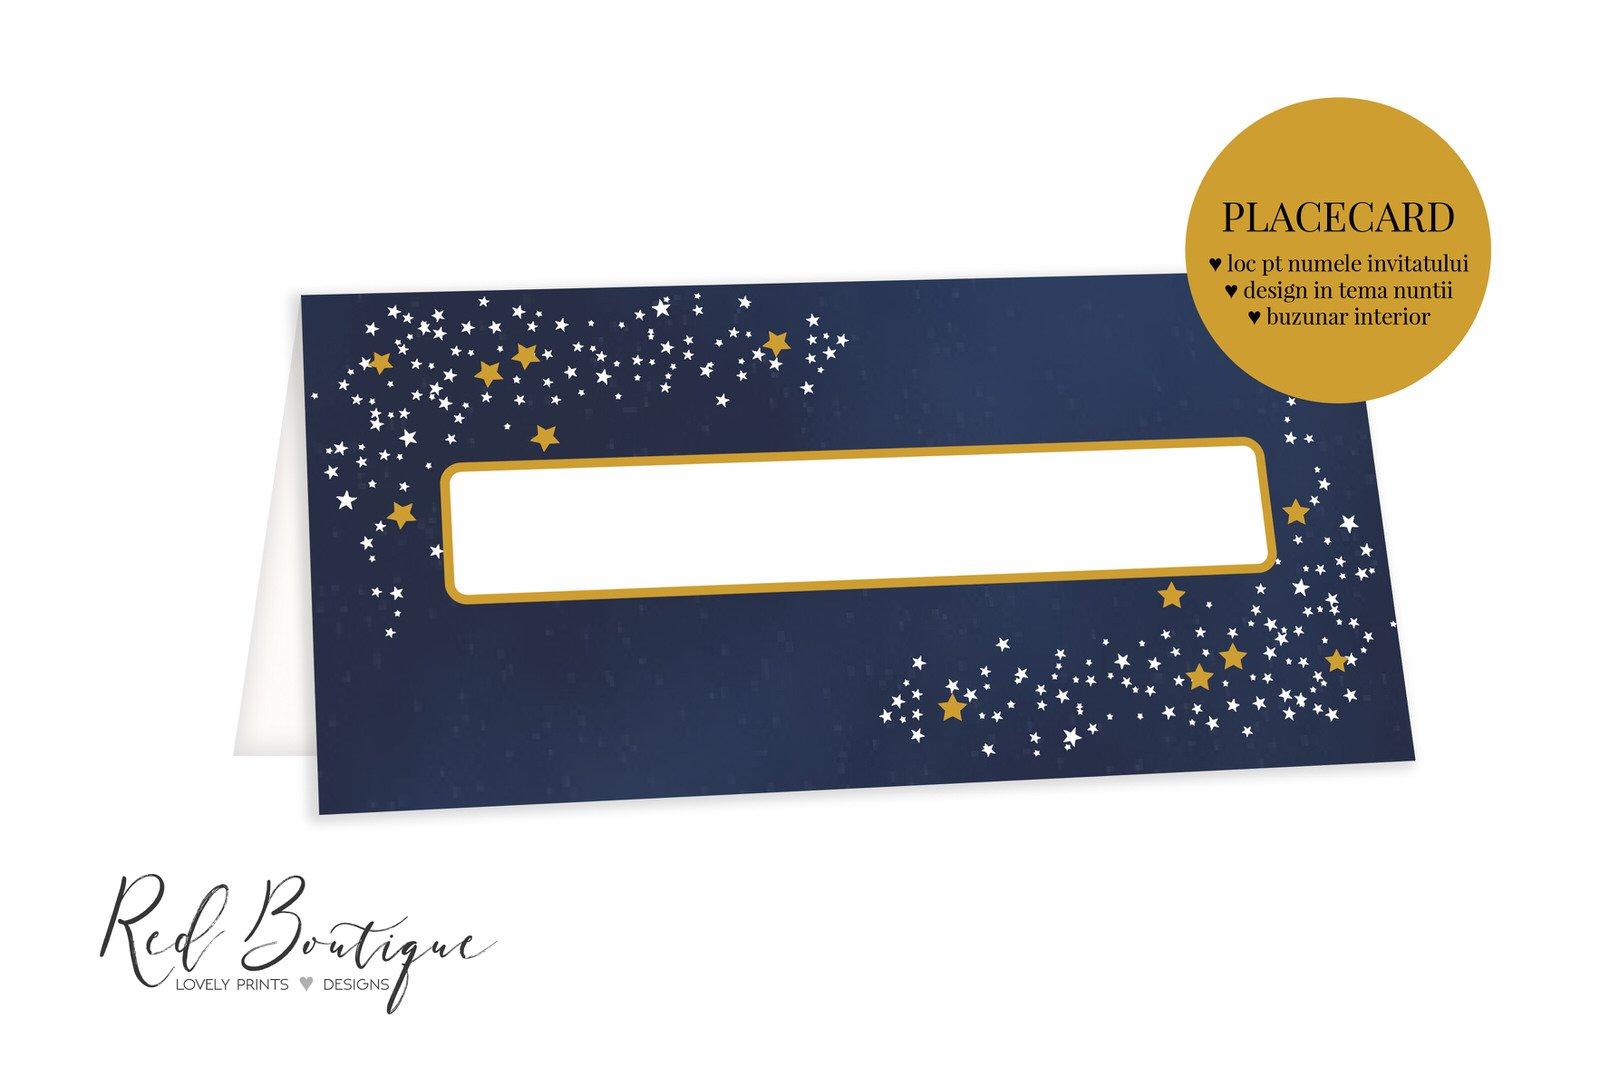 placecard albastru inchis cu luna si stele si loc pentru nume invitati